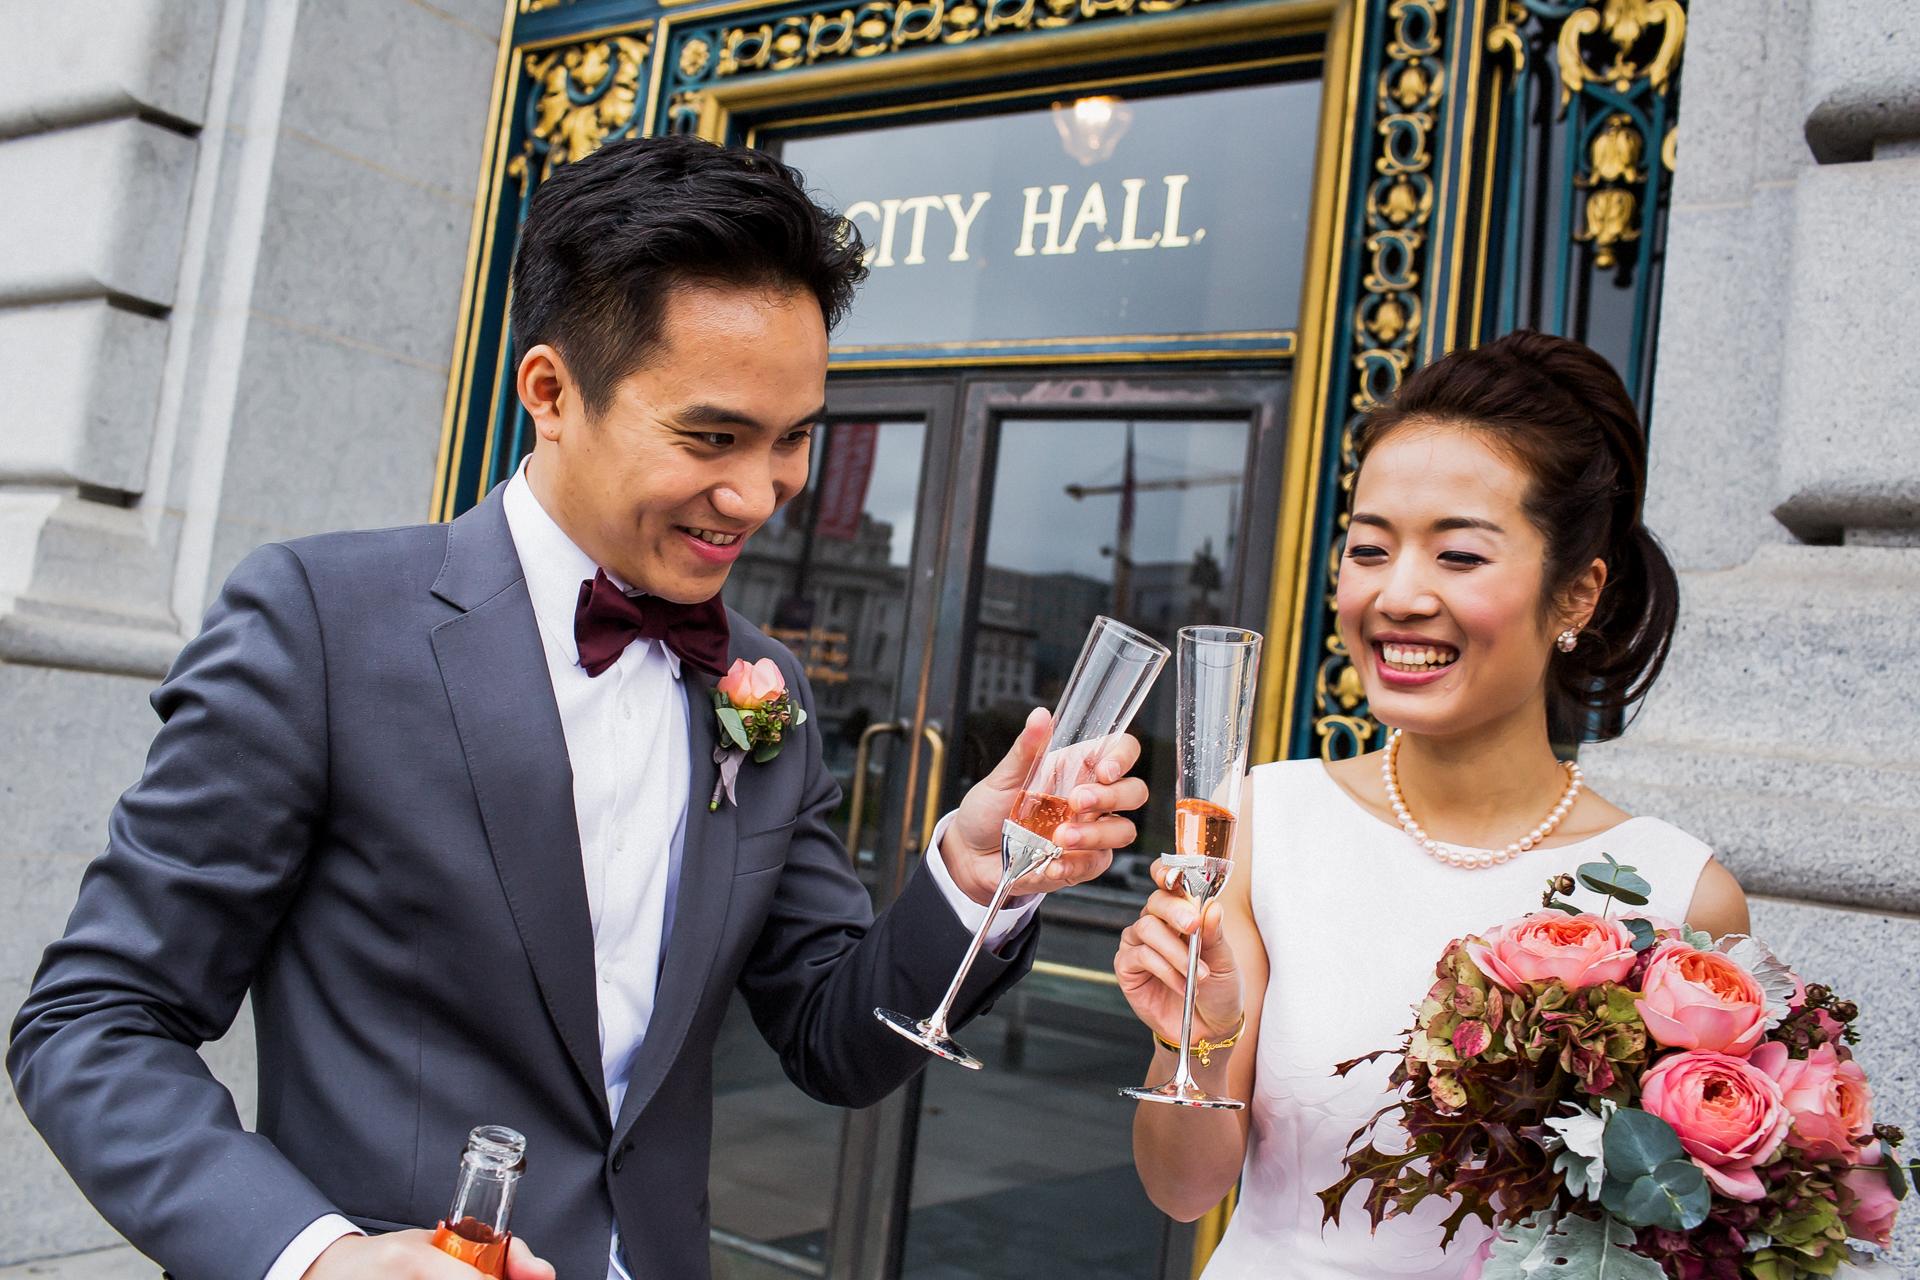 Ayuntamiento de San Francisco   Elopement Imagen de recién casados   ¡Un brindis rápido para celebrar este maravilloso momento!